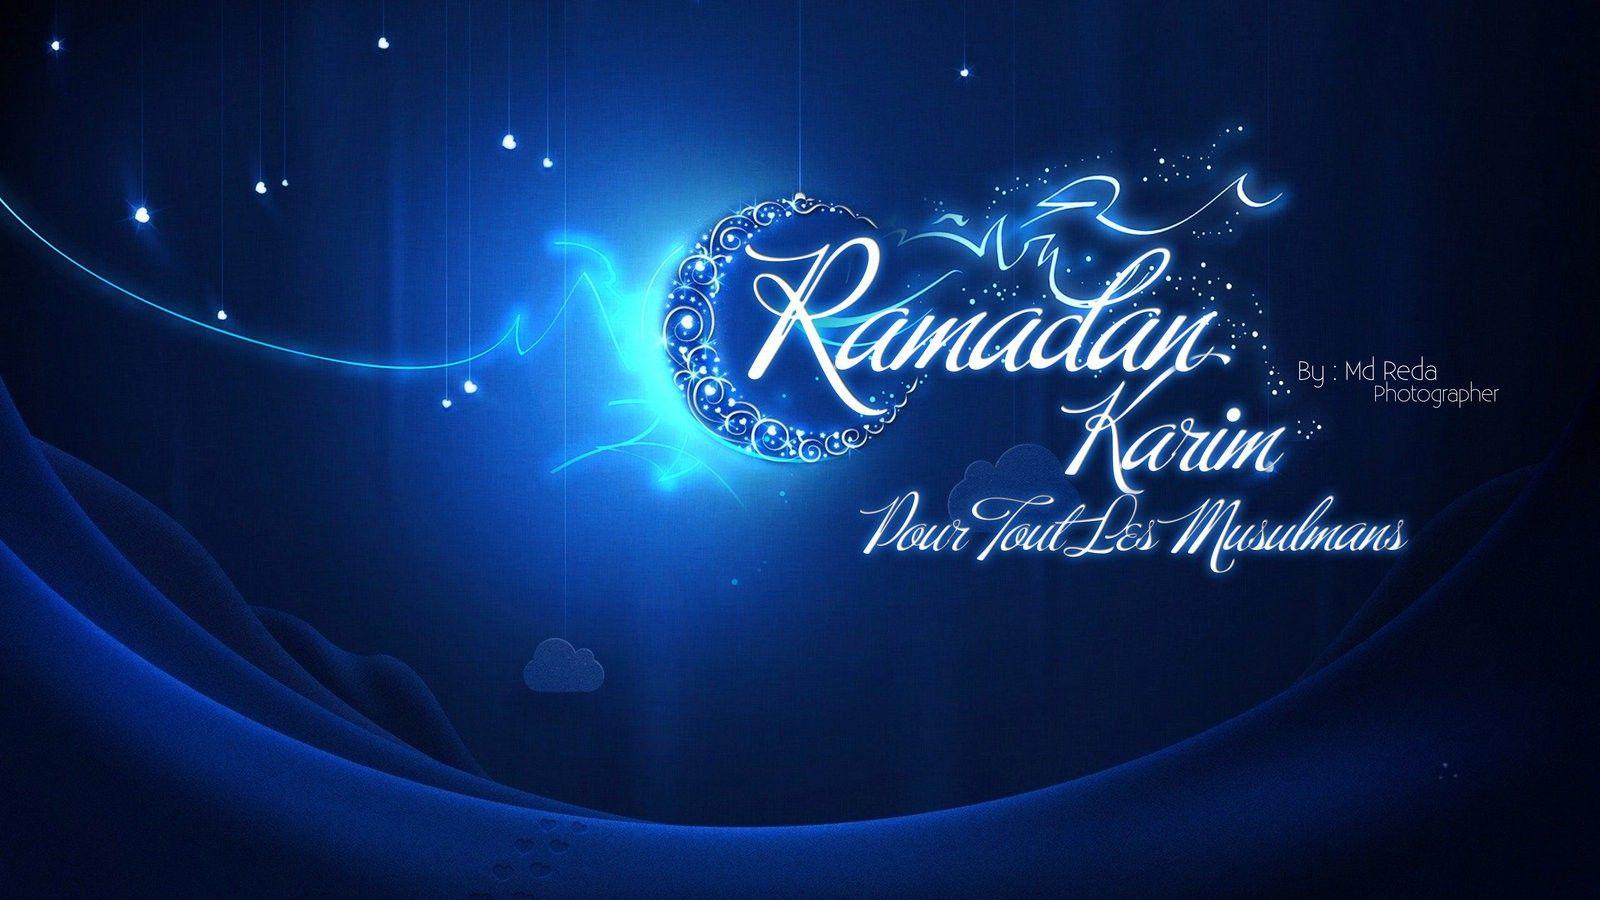 Ramadan Mubarak Wallpaper | Ramadan mubarak, Ramadan and Wallpaper for Ramadan Kareem Wallpapers Hd  66plt